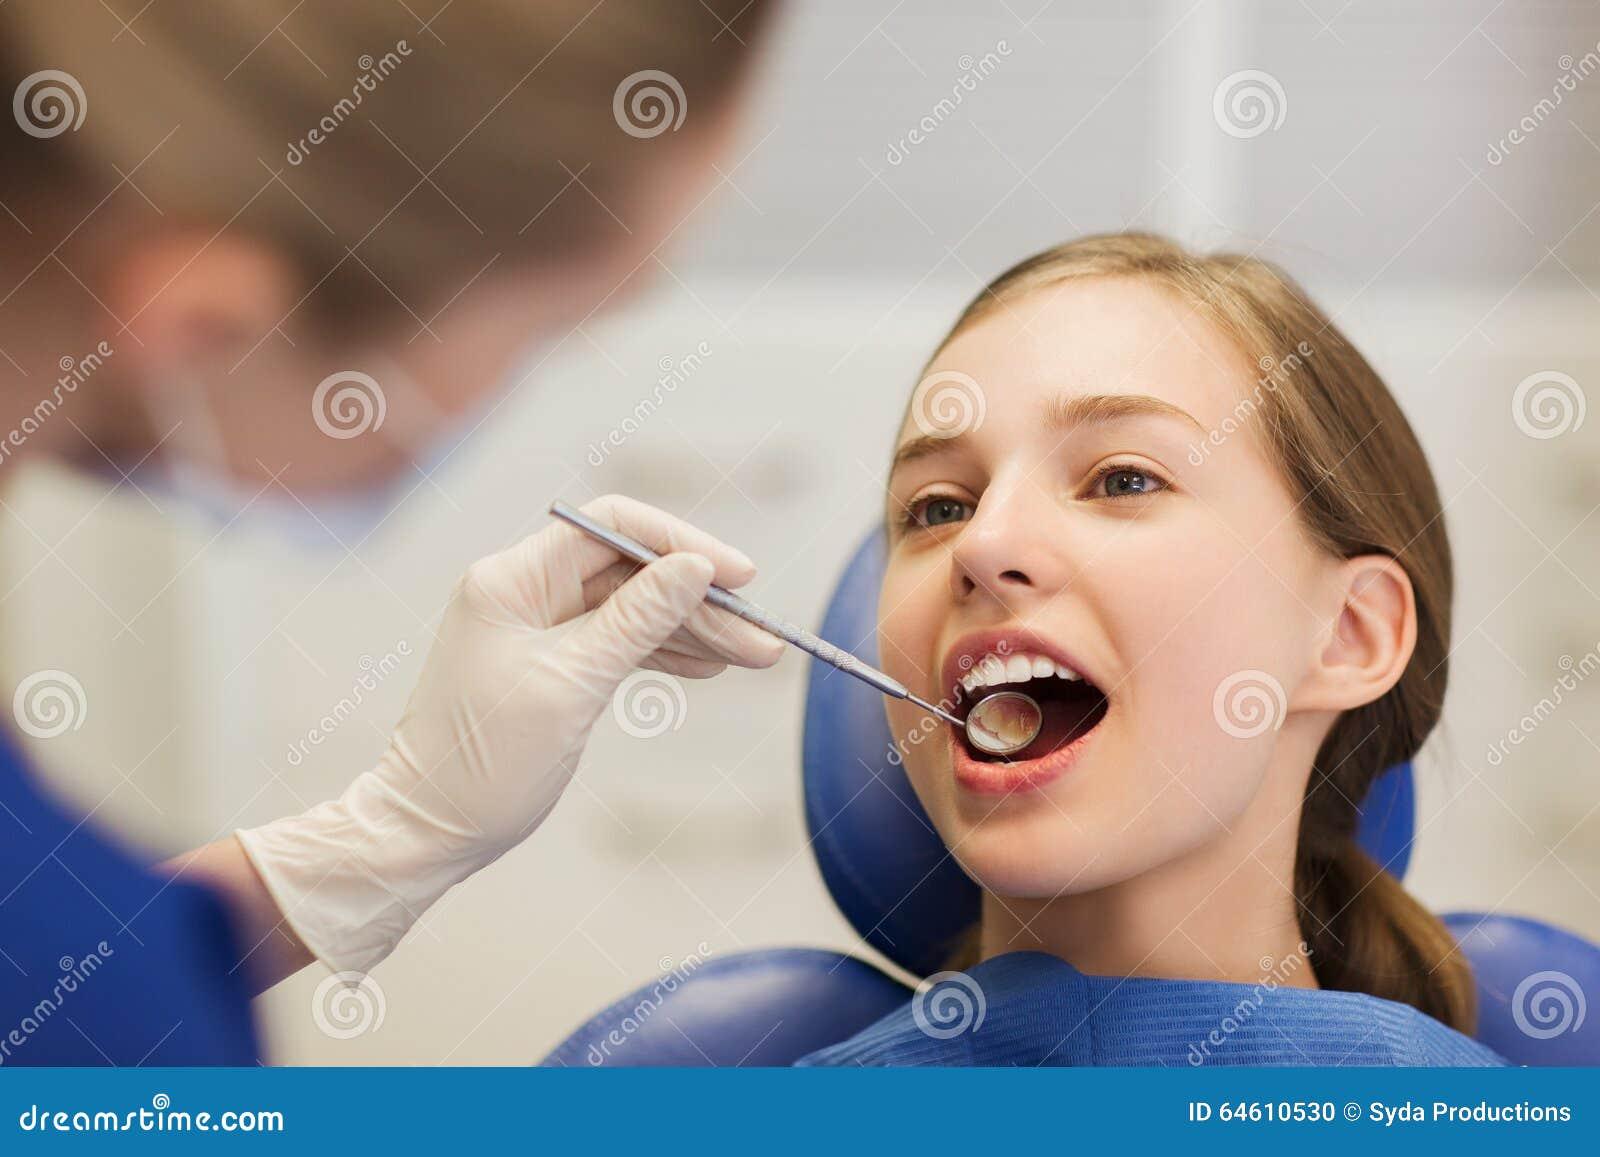 Dentiste féminin vérifiant les dents patientes de fille